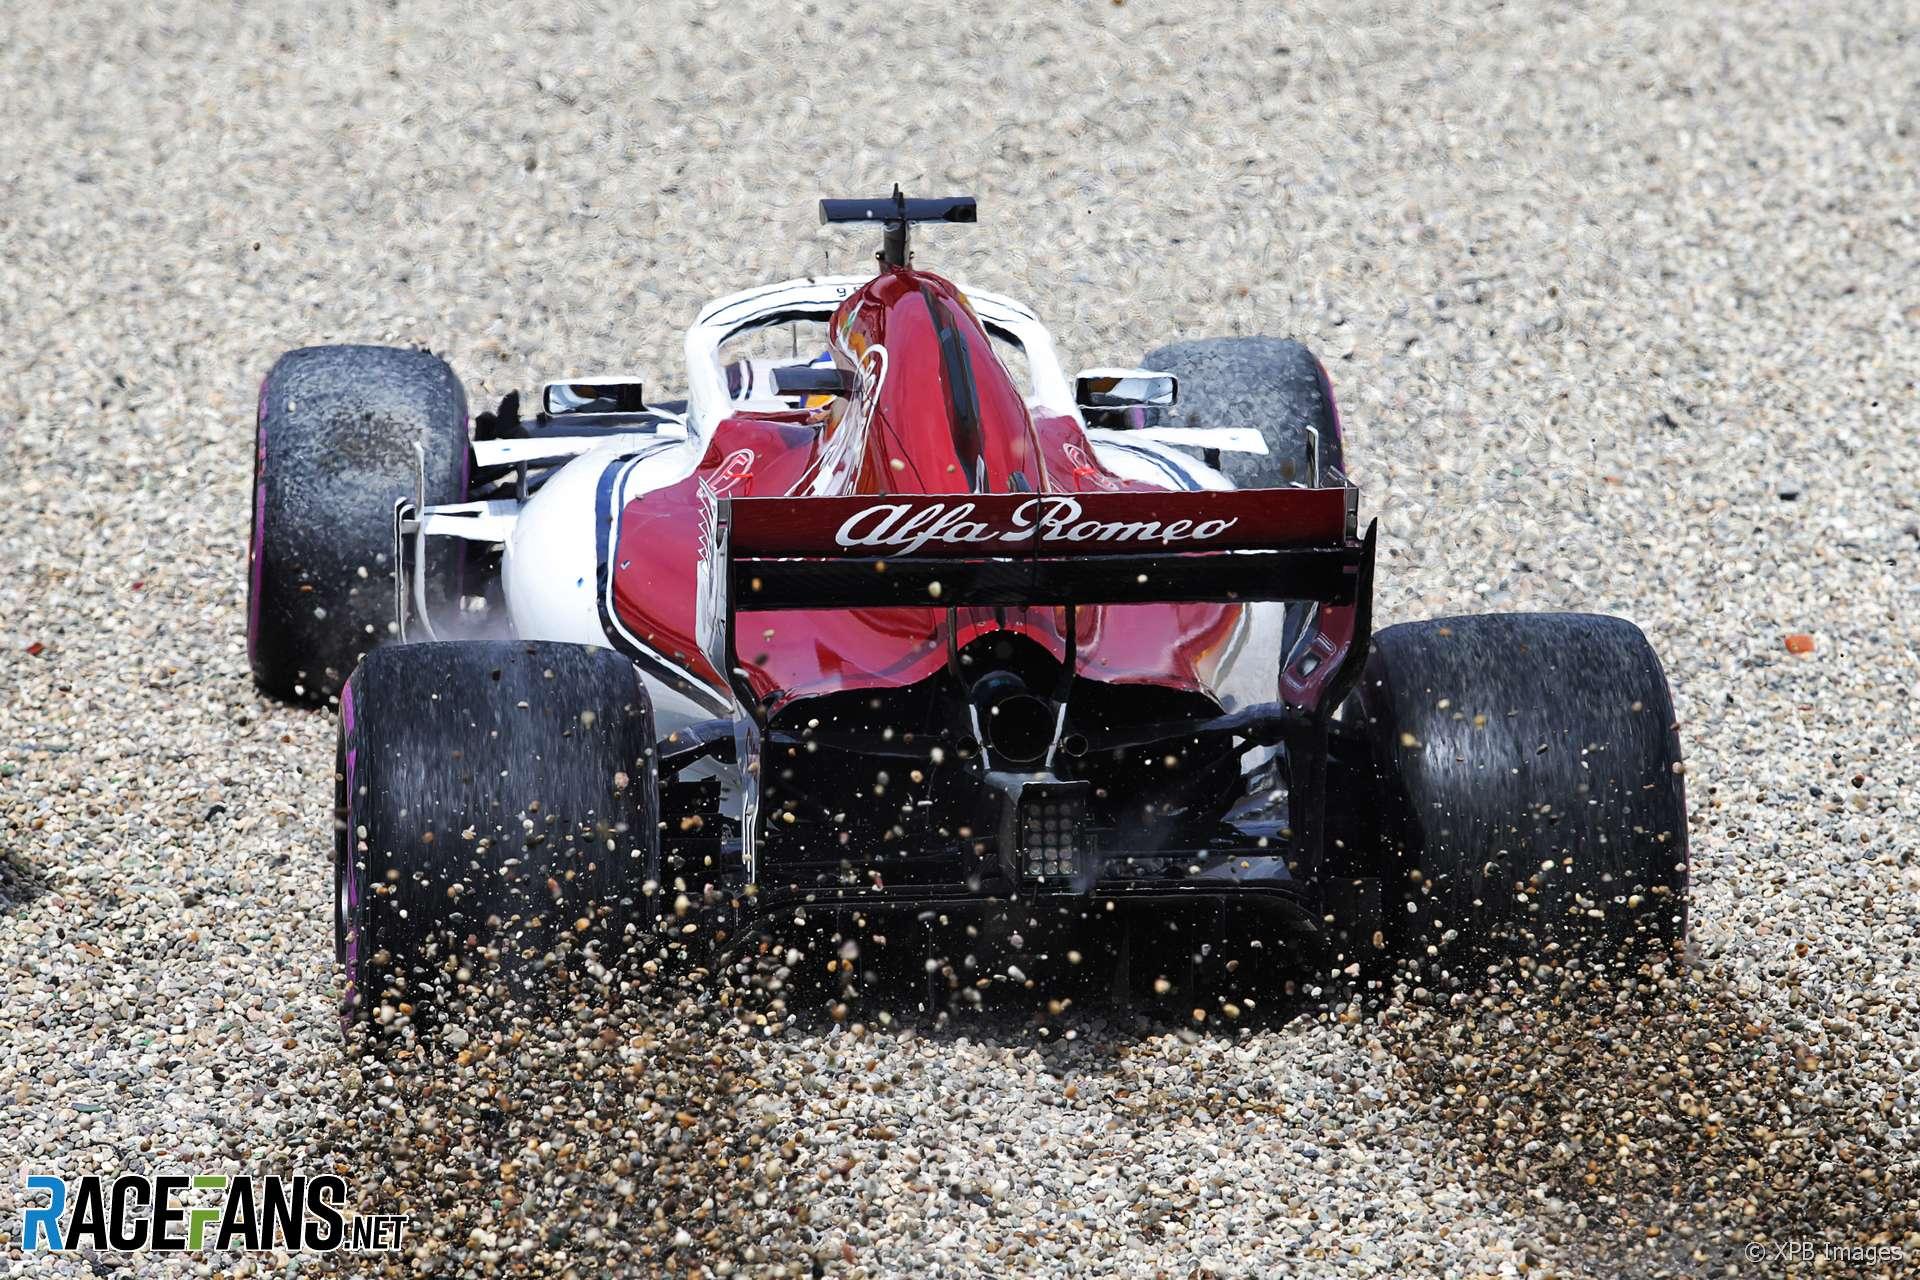 Marcus Ericsson, Sauber, Hockenheimring, 2018